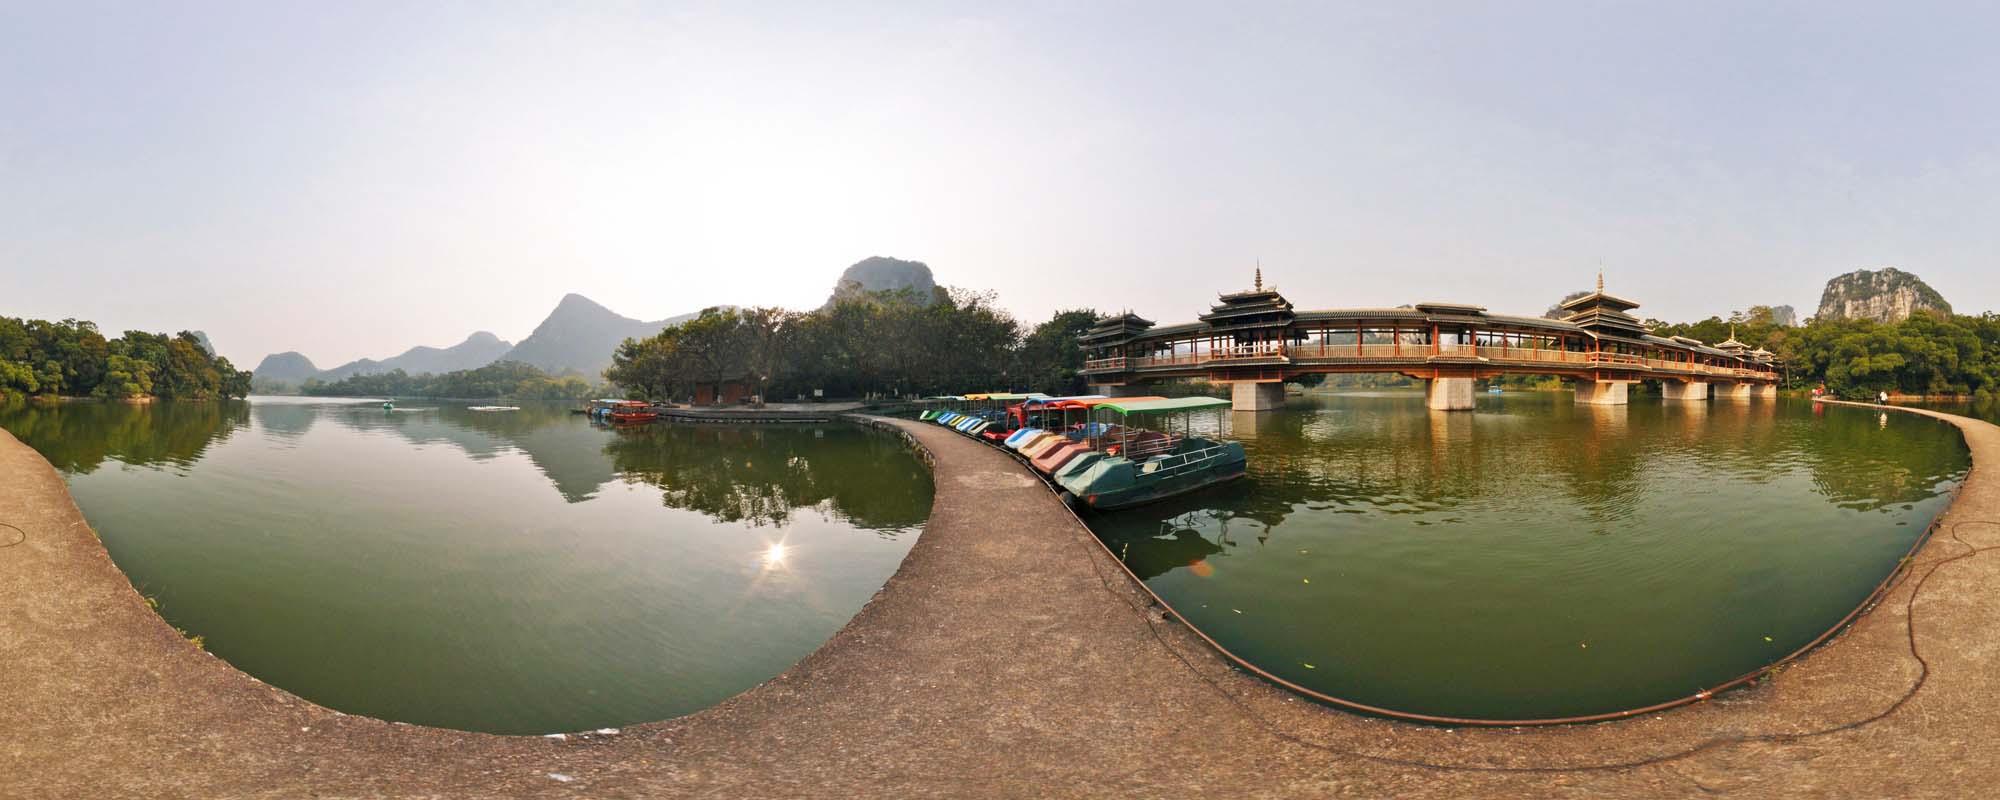 柳州虚拟旅游